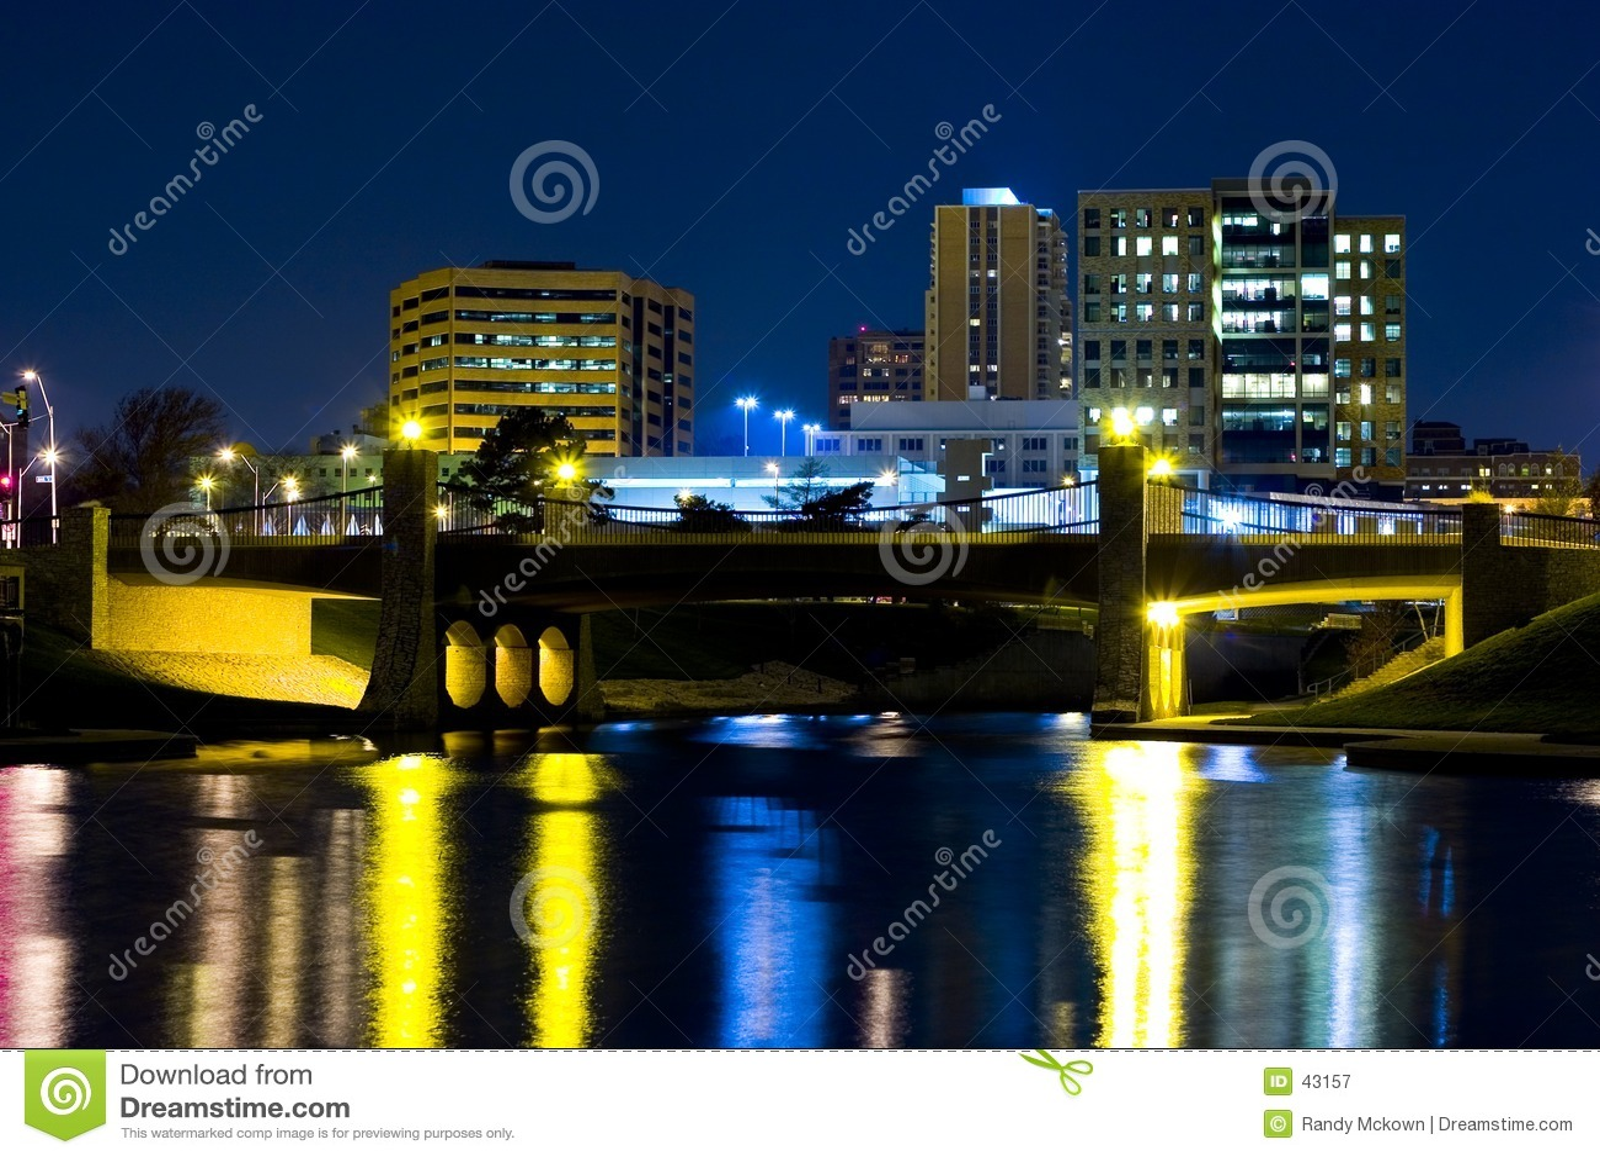 Download Reflexiones urbanas imagen de archivo. Imagen de reflejo - 43157